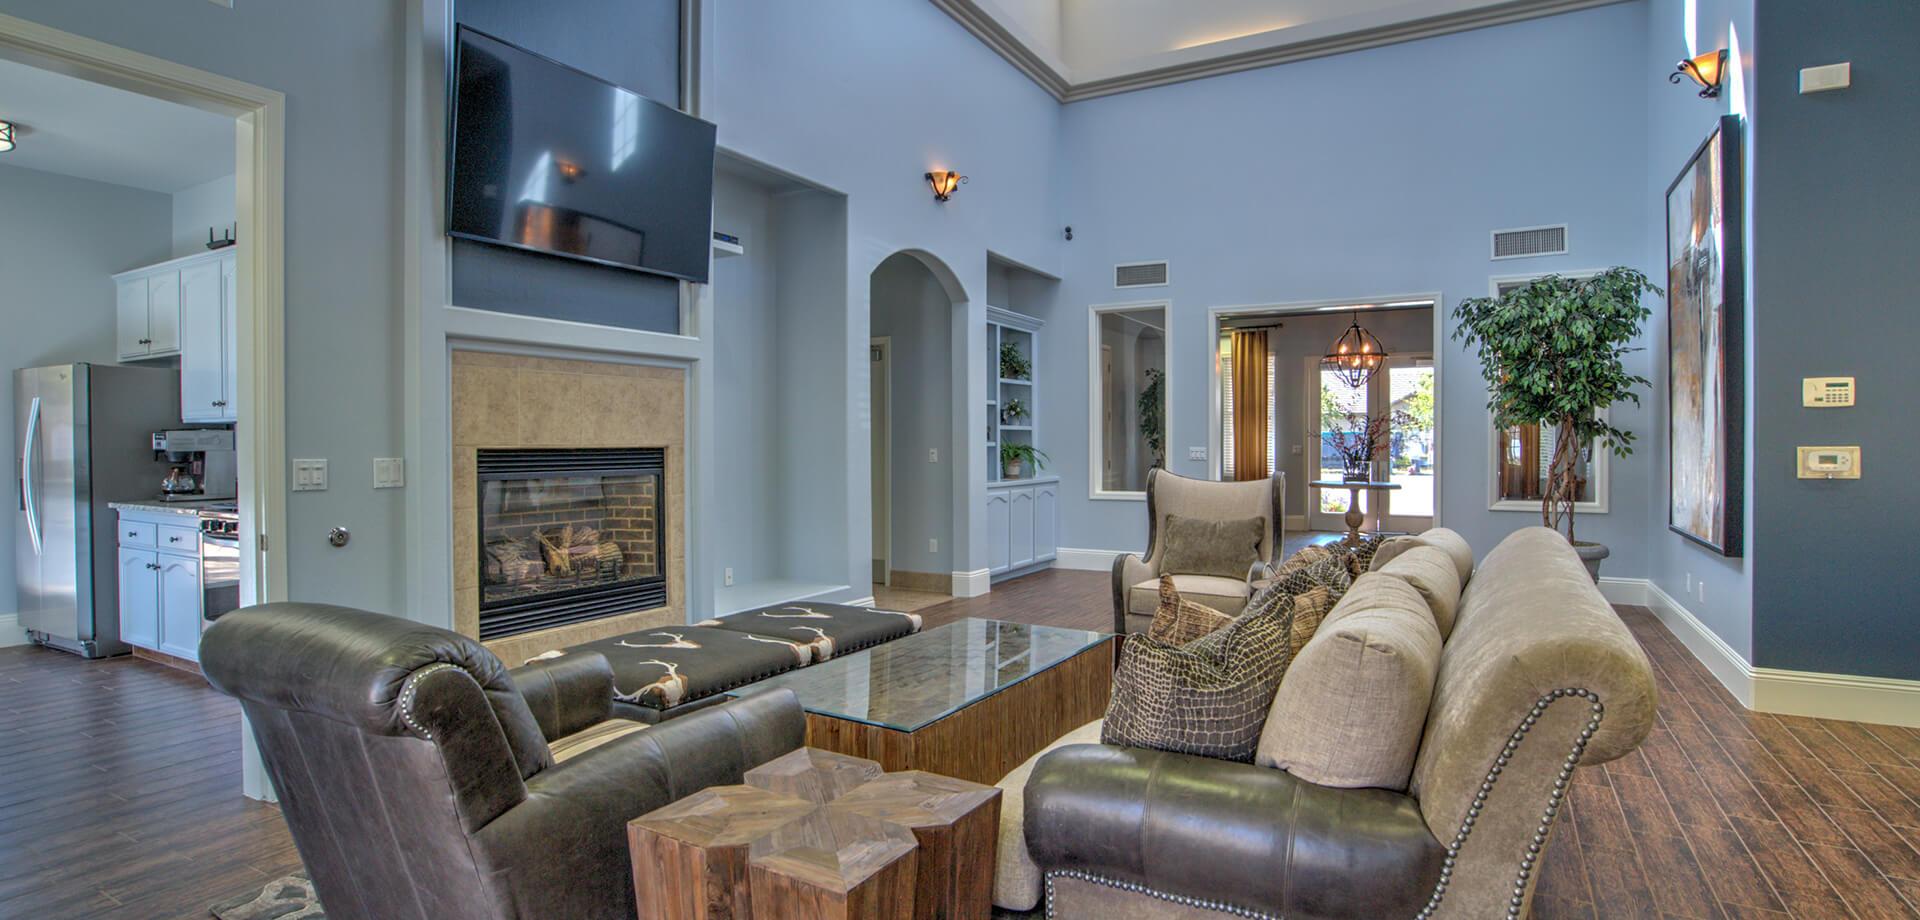 100 home design bakersfield web design u0026 development for bakersfield ca brightdesign - Bright design homes ...